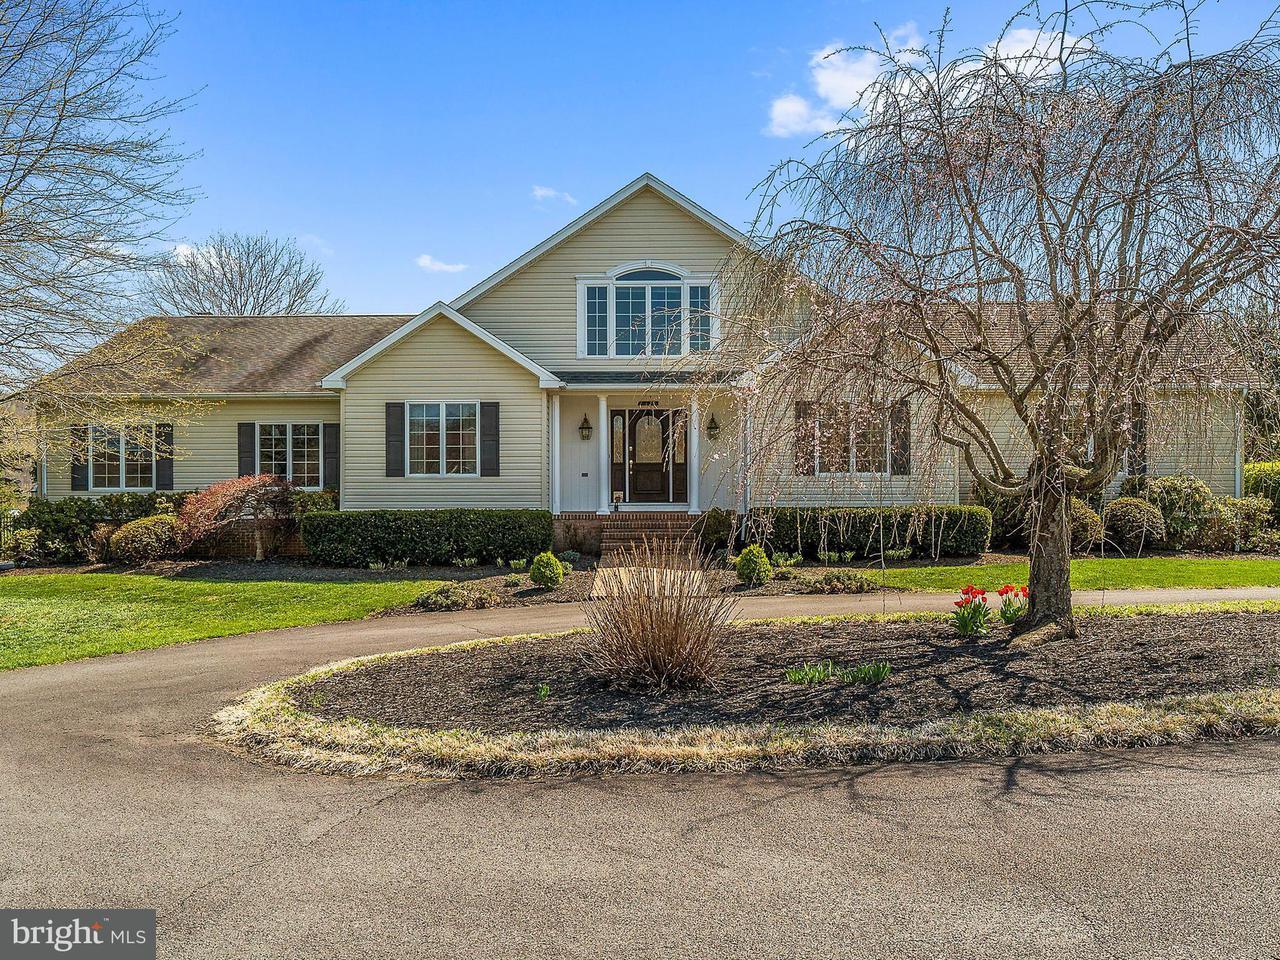 一戸建て のために 売買 アット 64 ROLLING GREEN Lane 64 ROLLING GREEN Lane Brightwood, バージニア 22715 アメリカ合衆国